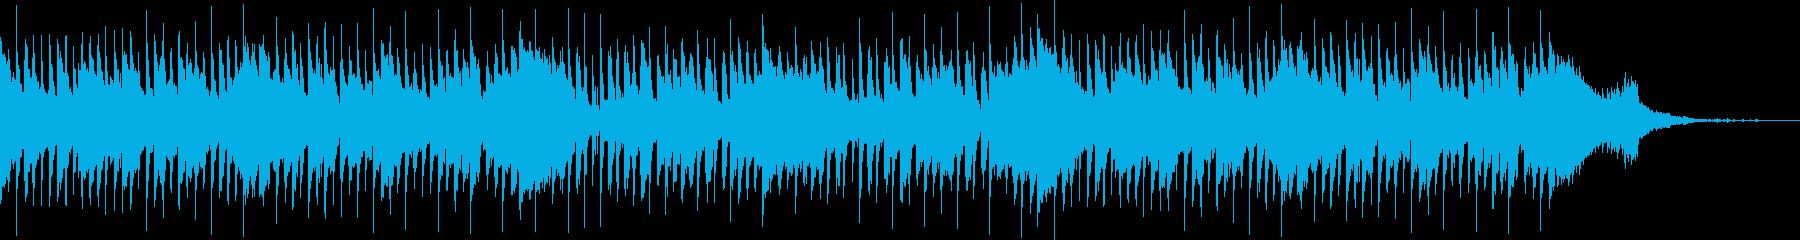 穏やかでおしゃれなCMにぴったりなジャズの再生済みの波形